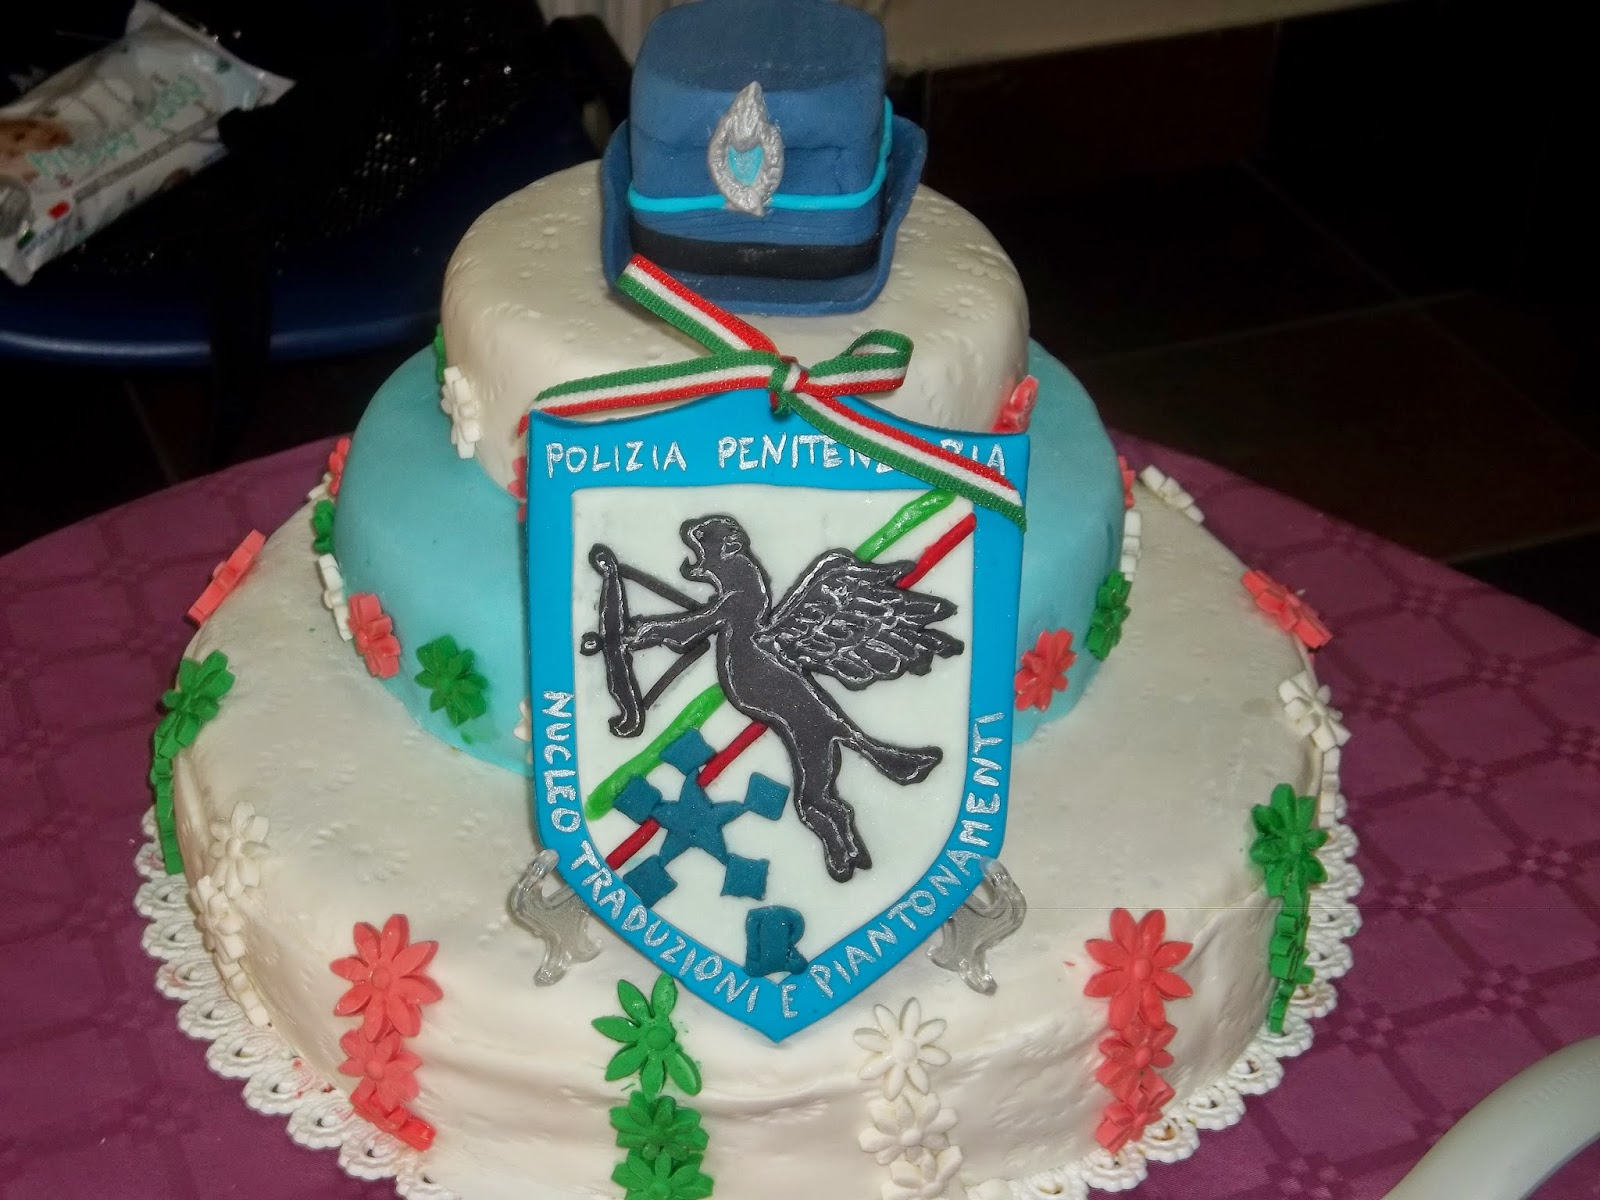 .. torta per pol. pen. con topper cappello per donna e stemma del nucleo traduzioni piantonamenti ..